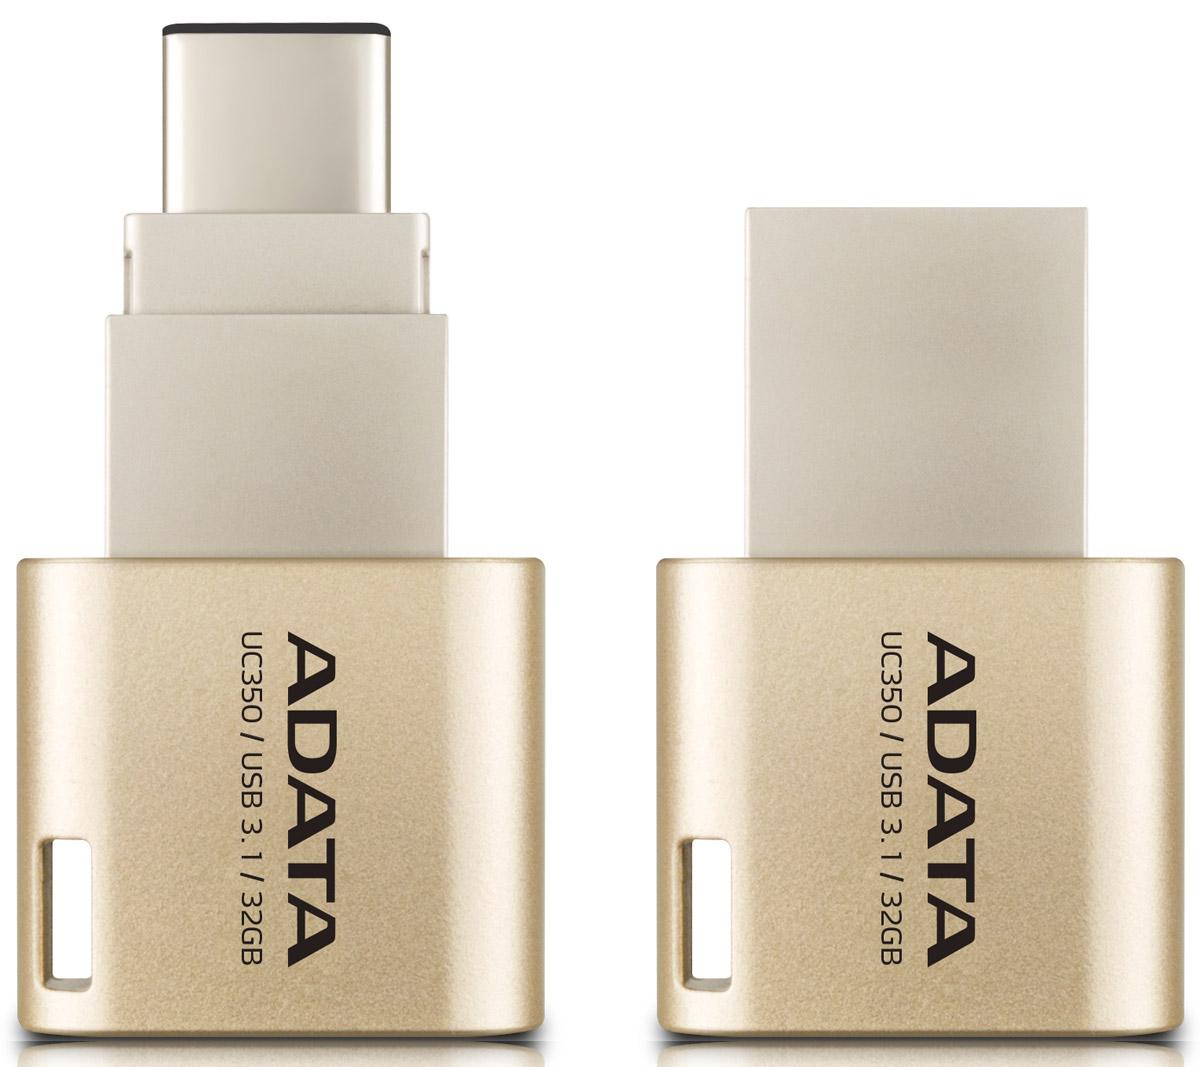 ADATA UC350 32GB, Gold USB-накопитель23530ADATA представляет флэш-накопитель UC350 нового поколения с двумя стандартными разъемами, который гарантирует существенное улучшение двух важнейших характеристик - производительности и удобства хранения данных. Интерфейс USB 3.1 обеспечивает высочайшие скорости передачи, причем накопитель оснащен как обычным USB-разъемом, так и реверсивной вилкой USB типа C, так что вам не придется гадать при его подключении. Флэш-накопитель UC350 может использоваться с ПК, MacBook, устройствами iOS и Android, так что вы получаете действительно универсальный доступ к данным.Разъем USB-C делает жизнь прощеС USB типа C обмен данными становится намного удобней. Нам всем приходилось вертеть USB-разъемы, разбираясь, где тут верх, а где низ. Разъем USB-C - реверсивный, так что теперь гадать не придется. Подключать UC350 к устройствам можно не глядя.U означает - универсальныйУниверсальность - огромное преимущество разъема USB-C, который позволяет использовать компактную и сверхлегкую флэшку UC350 с самыми разными устройствами. Теперь перемещение файлов, снимков, видео и другого контента между компьютерами с Mac OS и Windows, устройствами iOS и Android, стало максимально простым и удобным.Обмен данными с высочайшей скоростьюUC350 предлагает действительно впечатляющие скорости передачи благодаря интерфейсу USB 3.1. Чтение - до 100 MB/s, запись - до 30 MB/s, это приблизительно в два раза выше скорости интерфейса USB 3.0. Вы можете перенести все содержимое 50 ГБ диска Blu-ray буквально за 40 секунд, причем сохраняется полная совместимость с USB 2.0/USB 3.0. UC350 сочетает удобство разъема USB-C и скорость USB 3.1: самая выигрышная комбинация.Мгновенный доступ к большей емкости памятиНеплохо, что устройства - от смартфонов до ультрабуков - становятся все тоньше и легче, однако часто - за счет внутренней памяти. Нужен больший объем? UC350 емкостью до 64 ГБ даст вам столько дополнительной памяти для работы и развлечений, сколько потребуется.Универсальное 